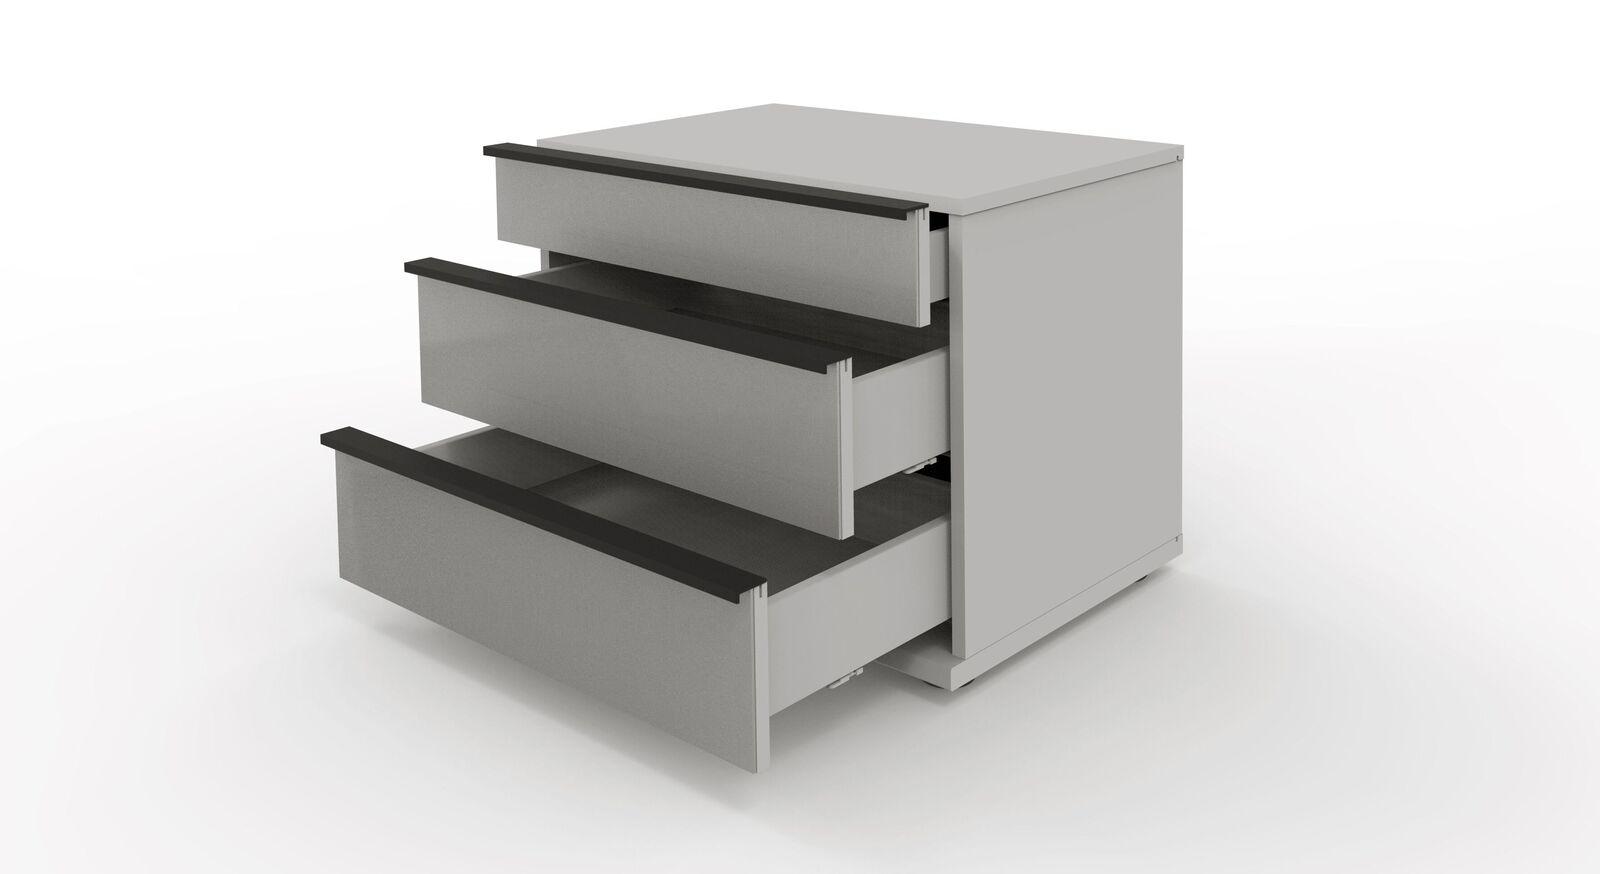 Nachttisch Loyd mit 3 praktischen Schubladen